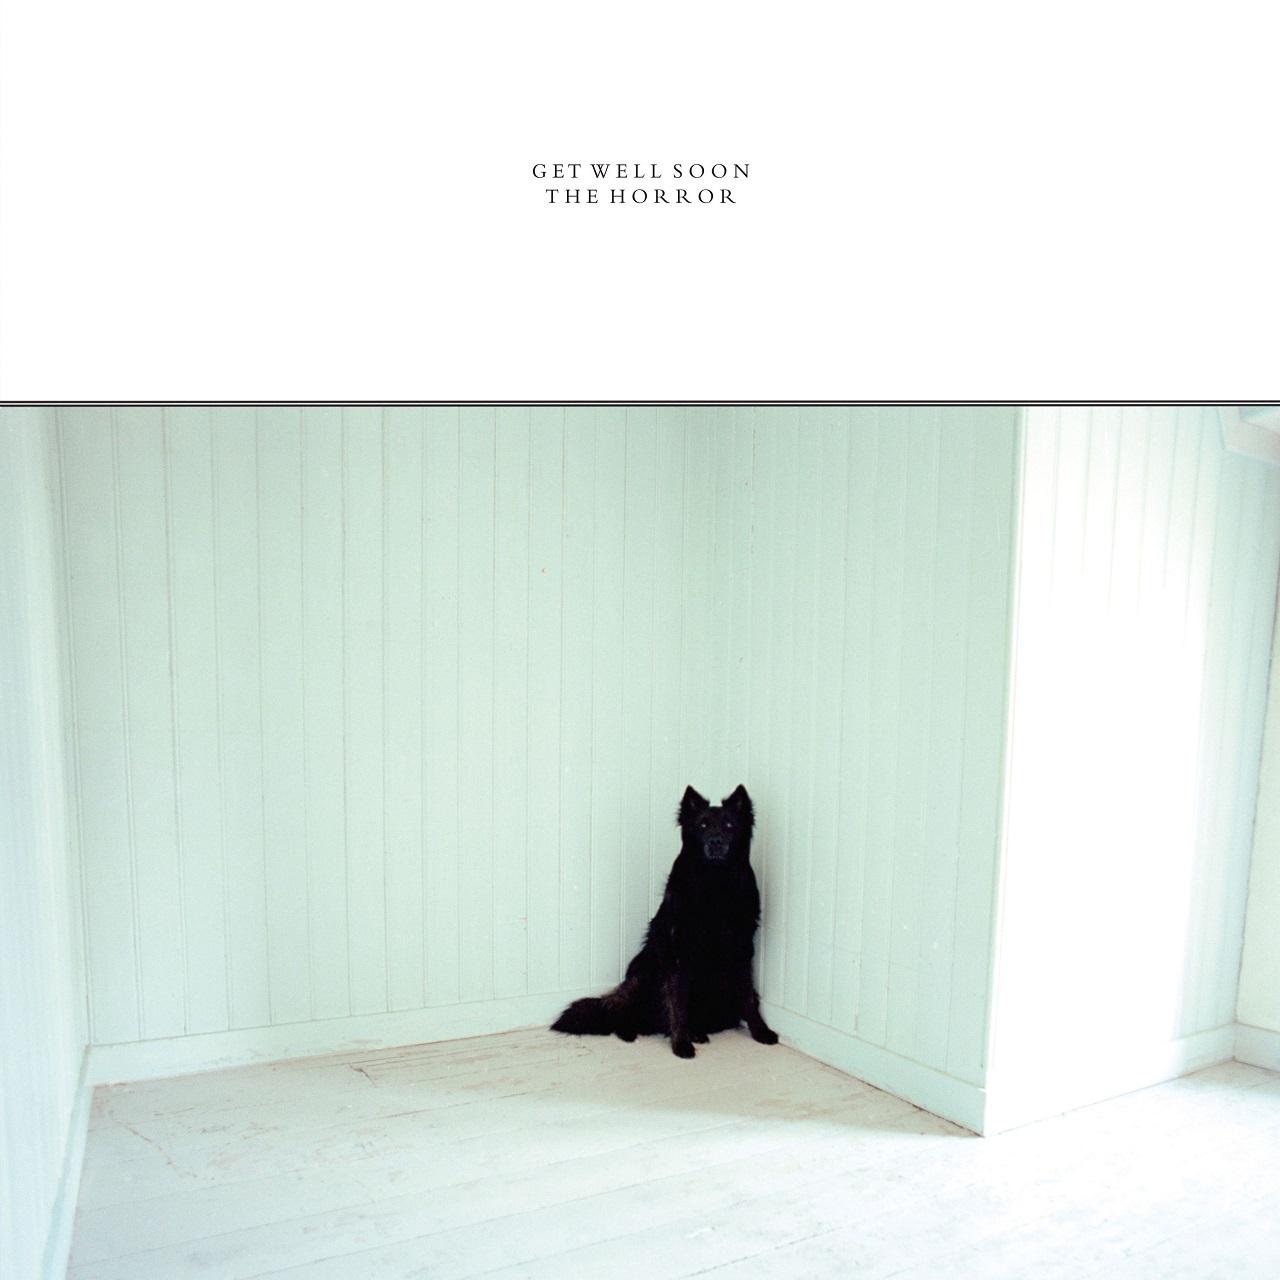 """Albumcover get Well Soon """"The Horror"""" schwarzer Hund in weißem Zimmer"""